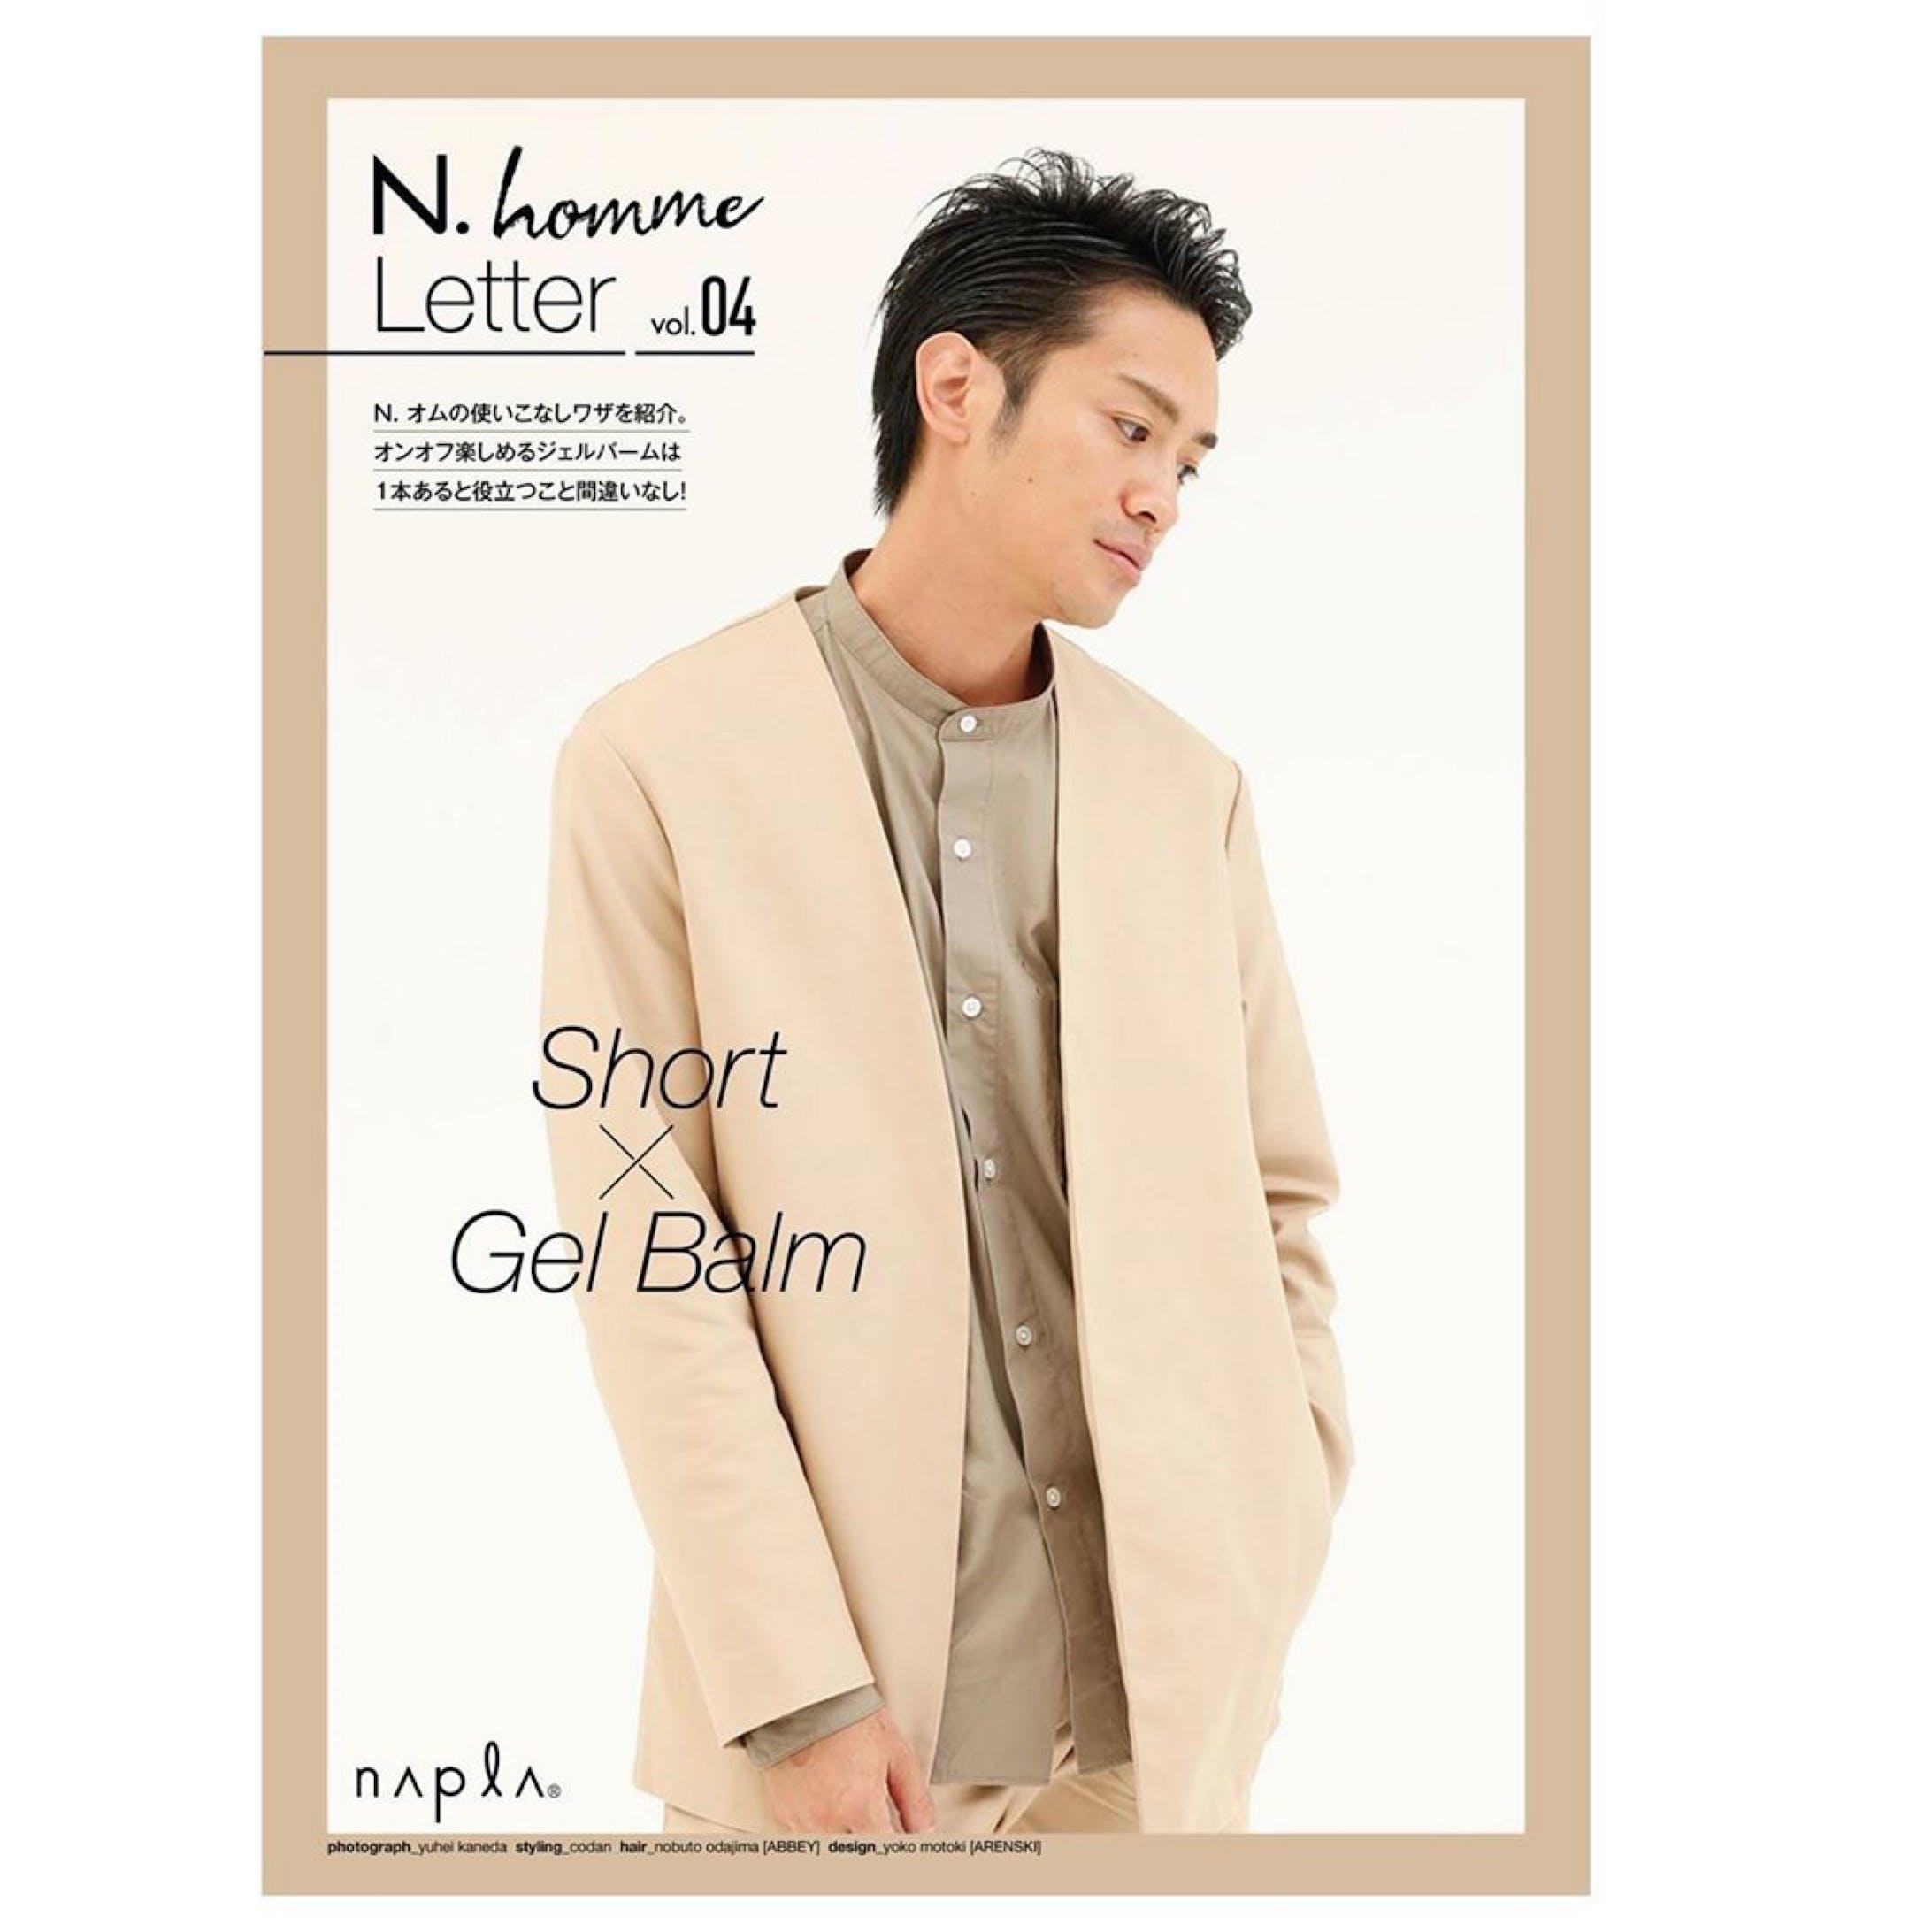 N. HOMME(株式会社napla)-4